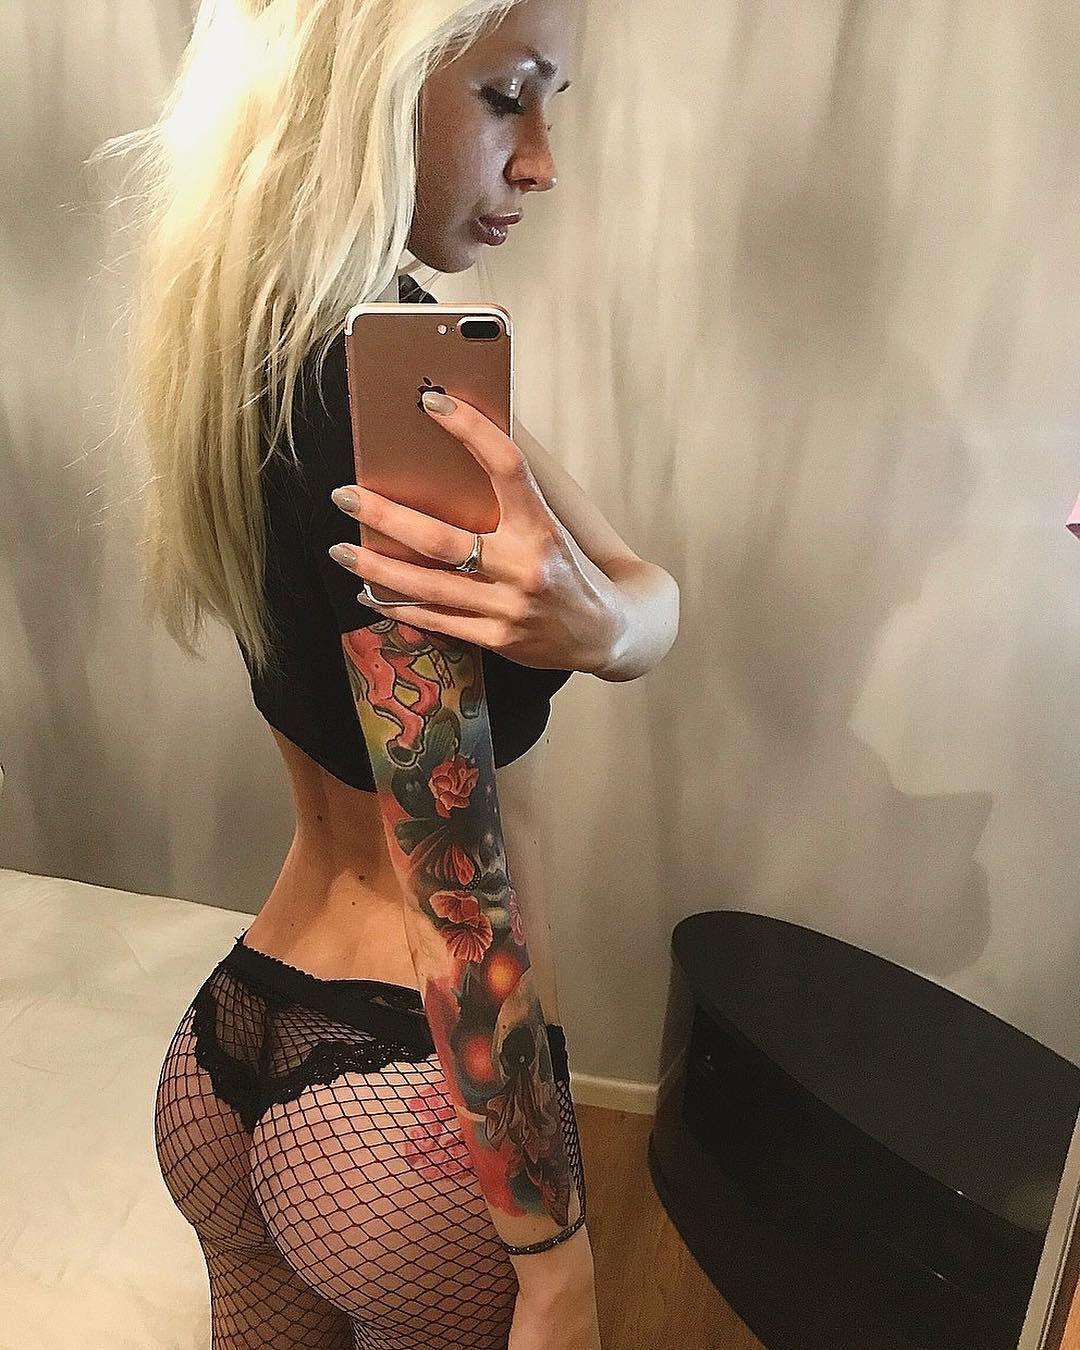 Missttkiss nude (49 gallery), fotos Sexy, iCloud, bra 2017